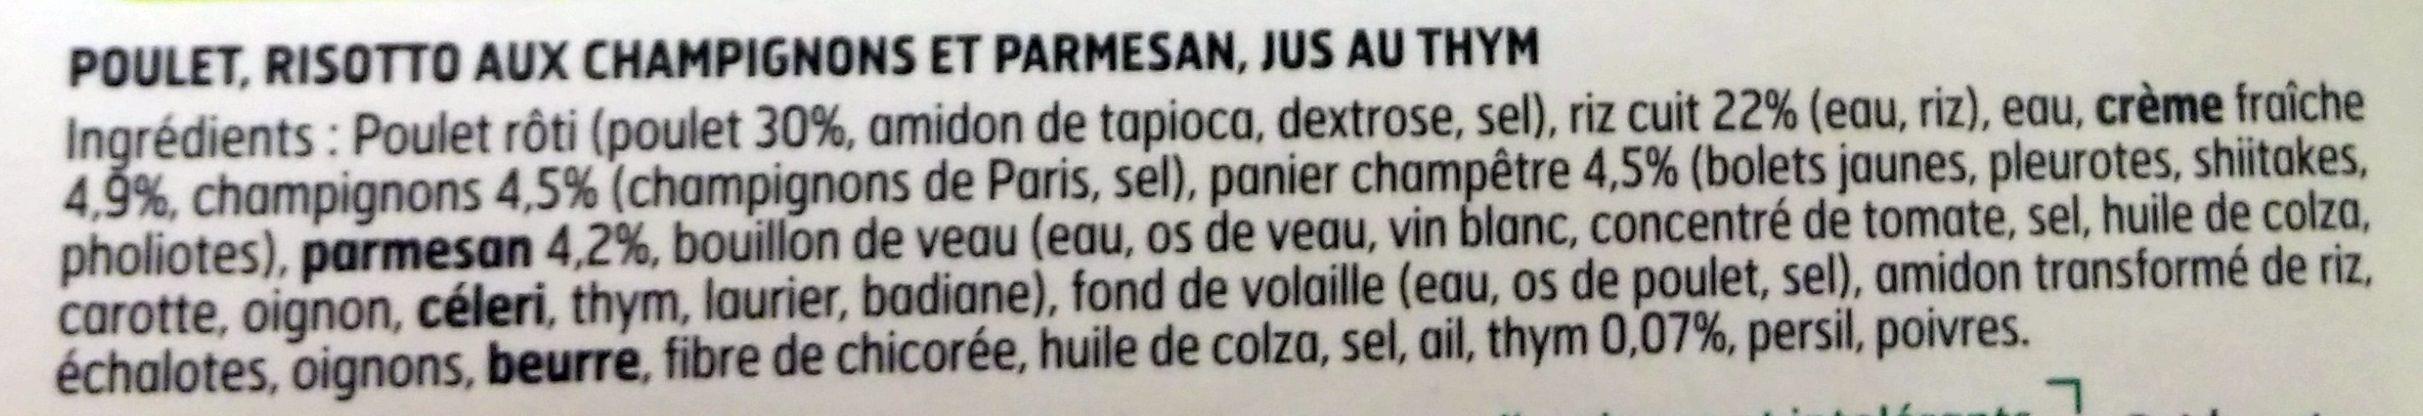 Poulet jus au thym, risotto champignons et parmesan - Ingrédients - fr